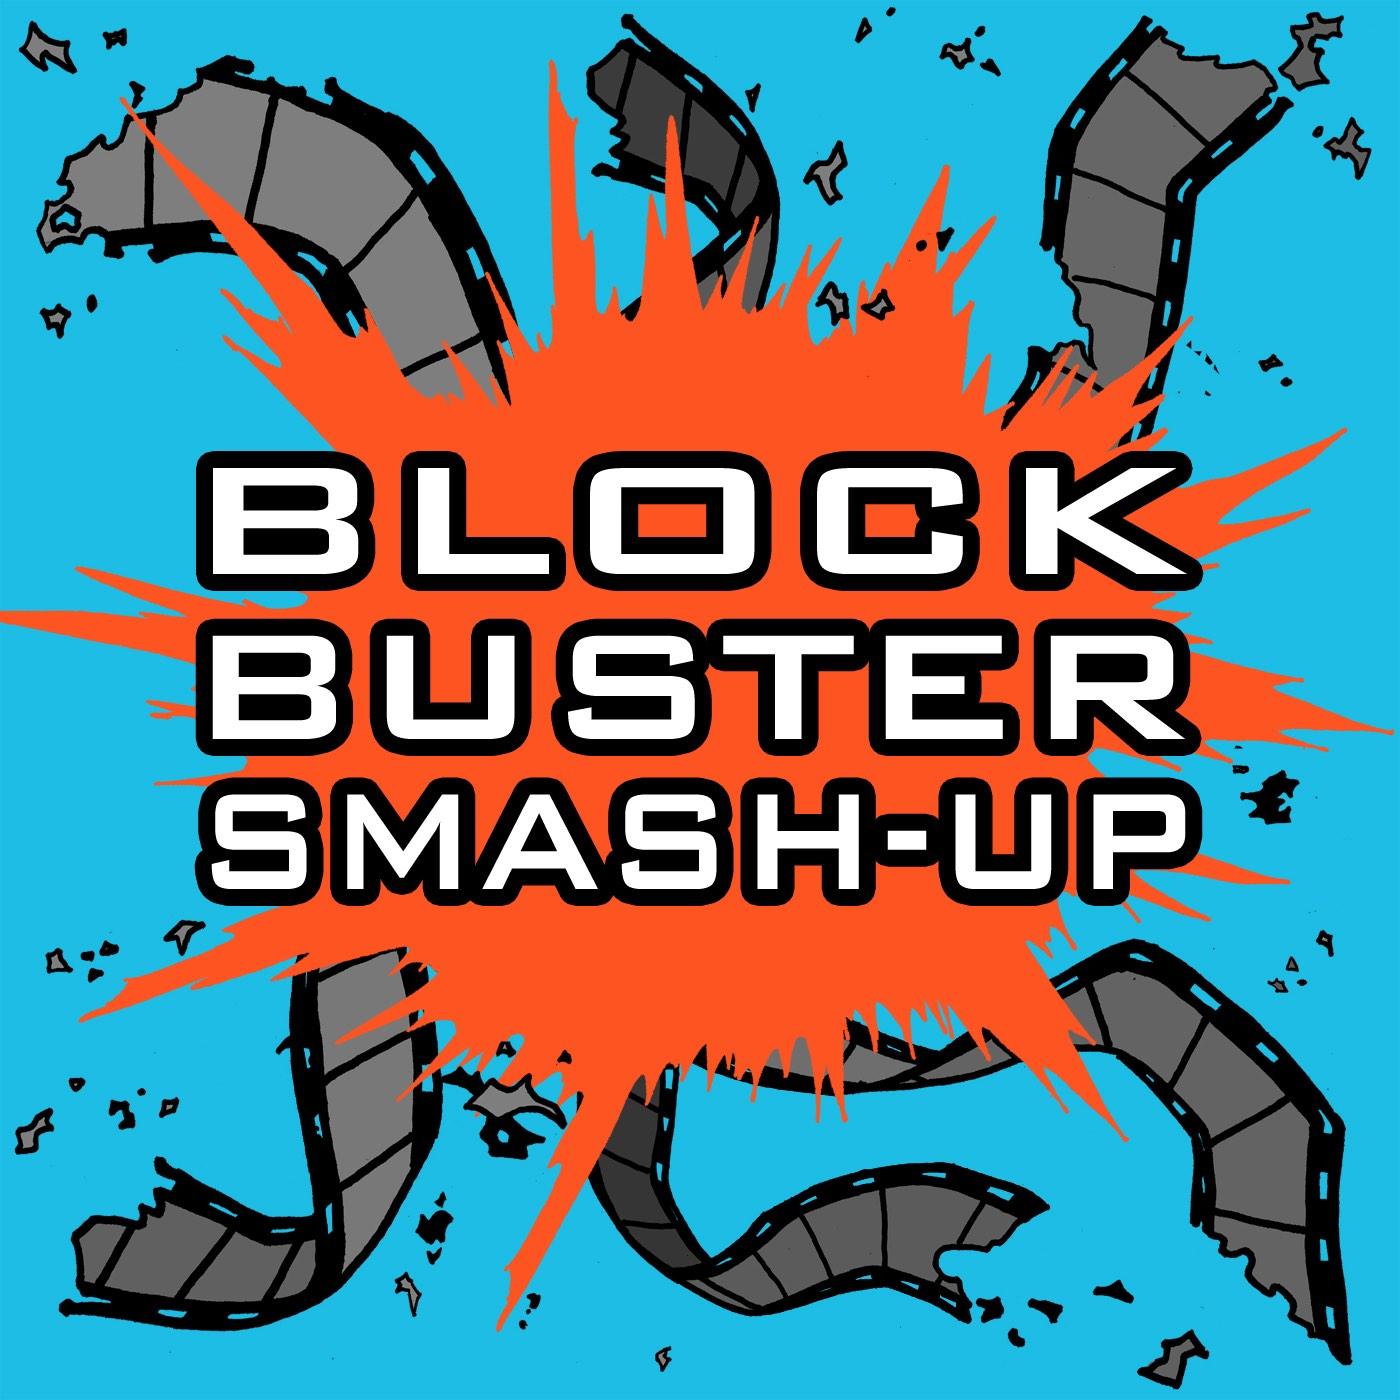 BlockbusterSmashUp_Logo_1400x1400_small.jpg